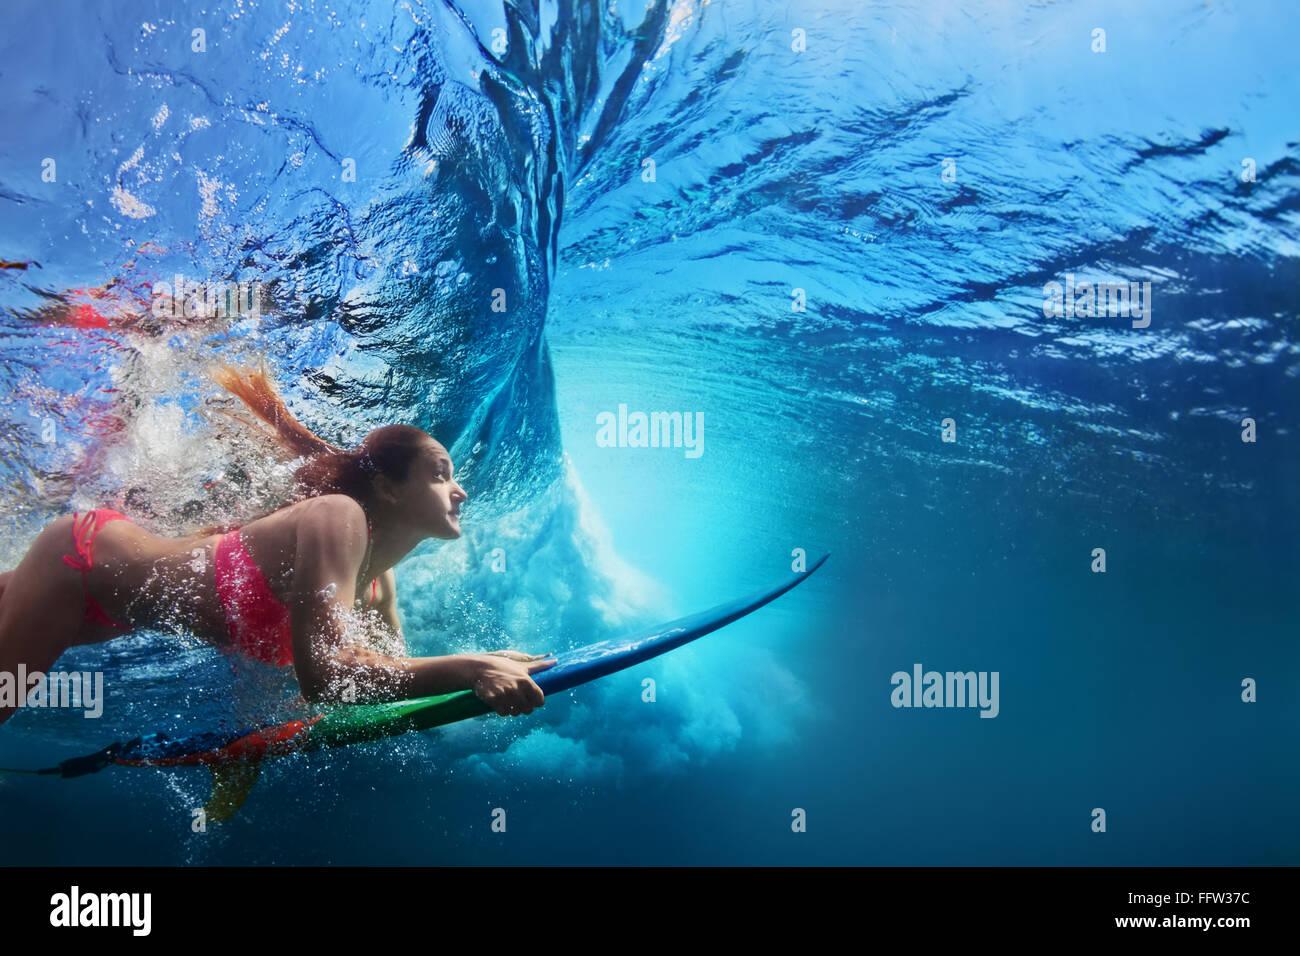 Giovane ragazza in bikini - surfer con tavola da surf subacquea Immersioni sotto il grande oceano onda. Immagini Stock